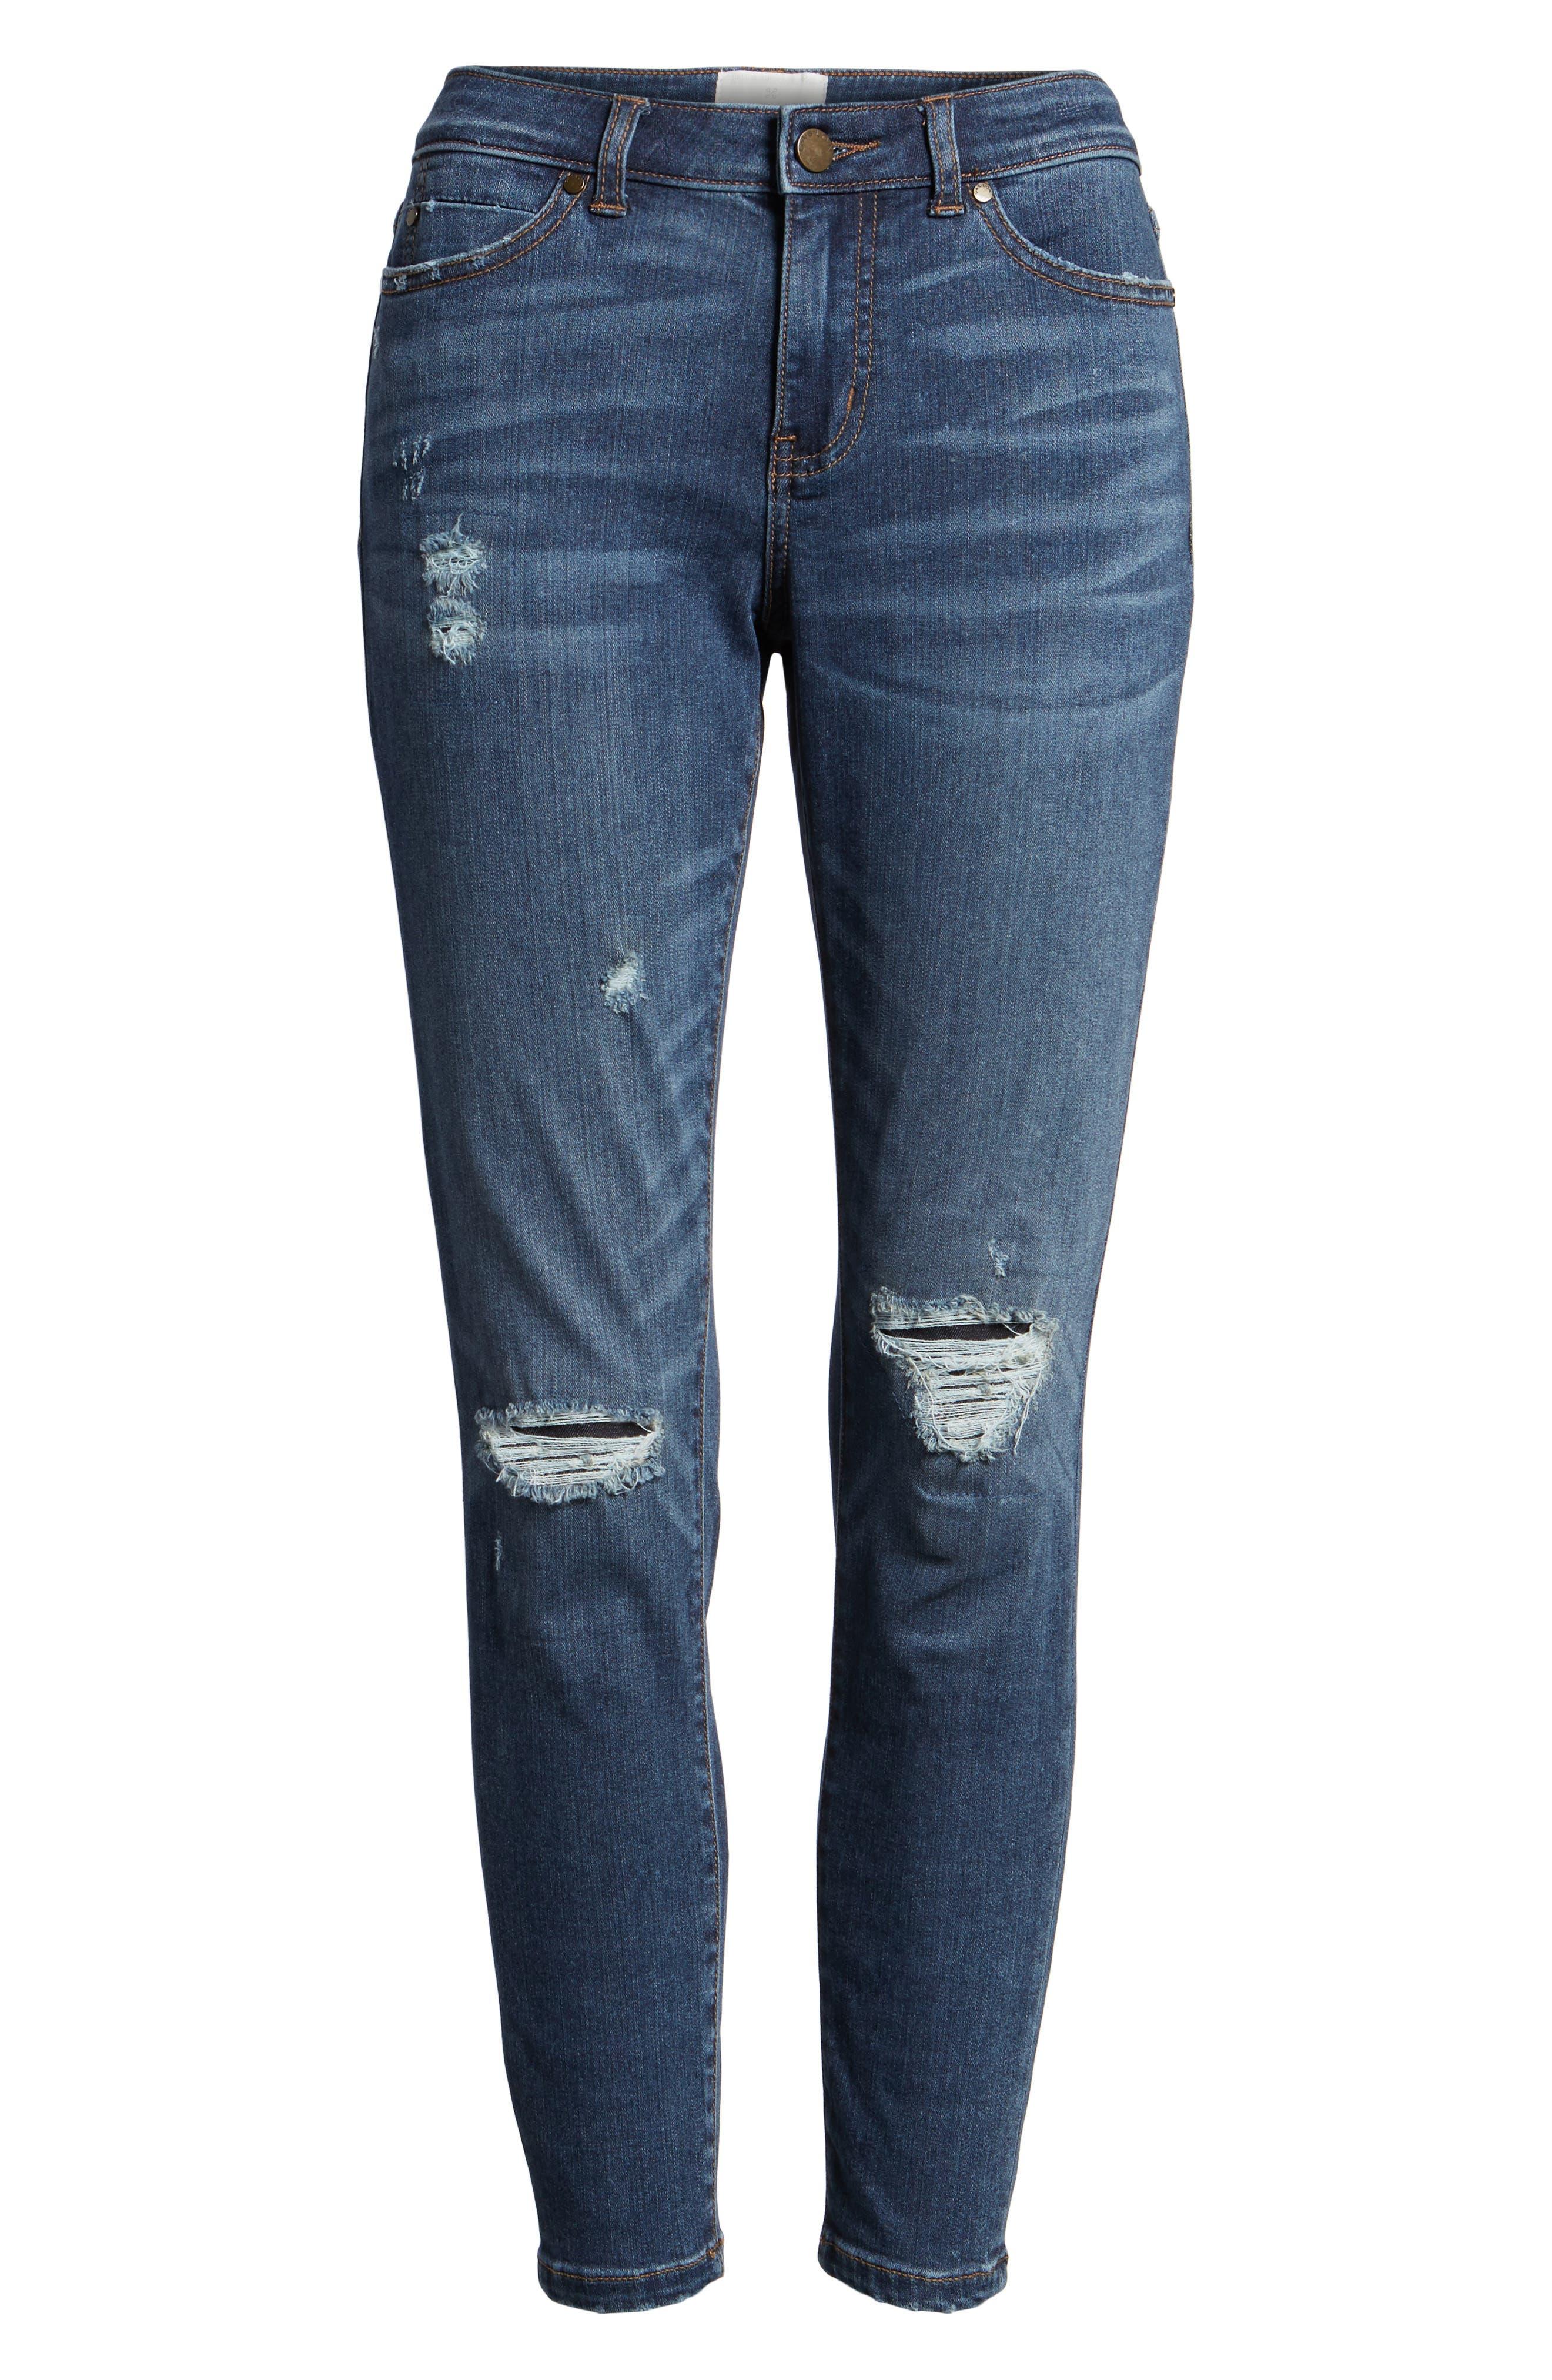 Rip & Repair Ankle Skinny Jeans,                             Alternate thumbnail 6, color,                             420